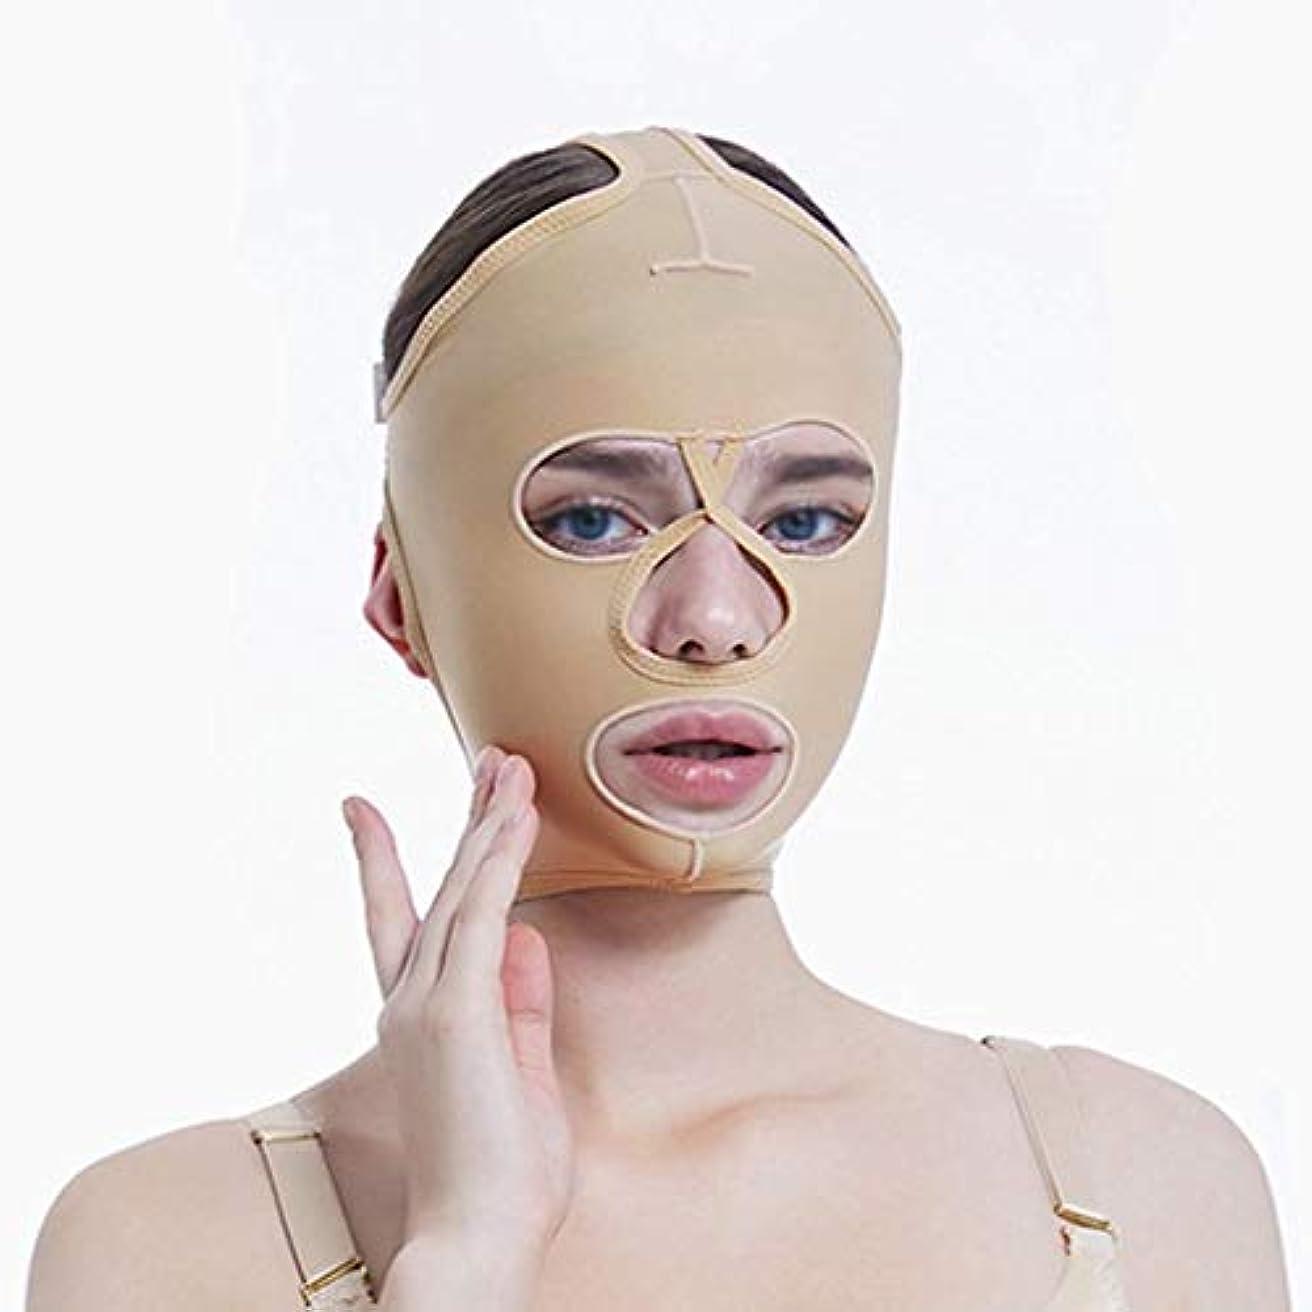 地理ミキサー強風チンリフティングベルト、超薄型ベルト、引き締めマスク、包帯吊り、フェイスリフティングマスク、超薄型ベルト、通気性(サイズ:L),XXL